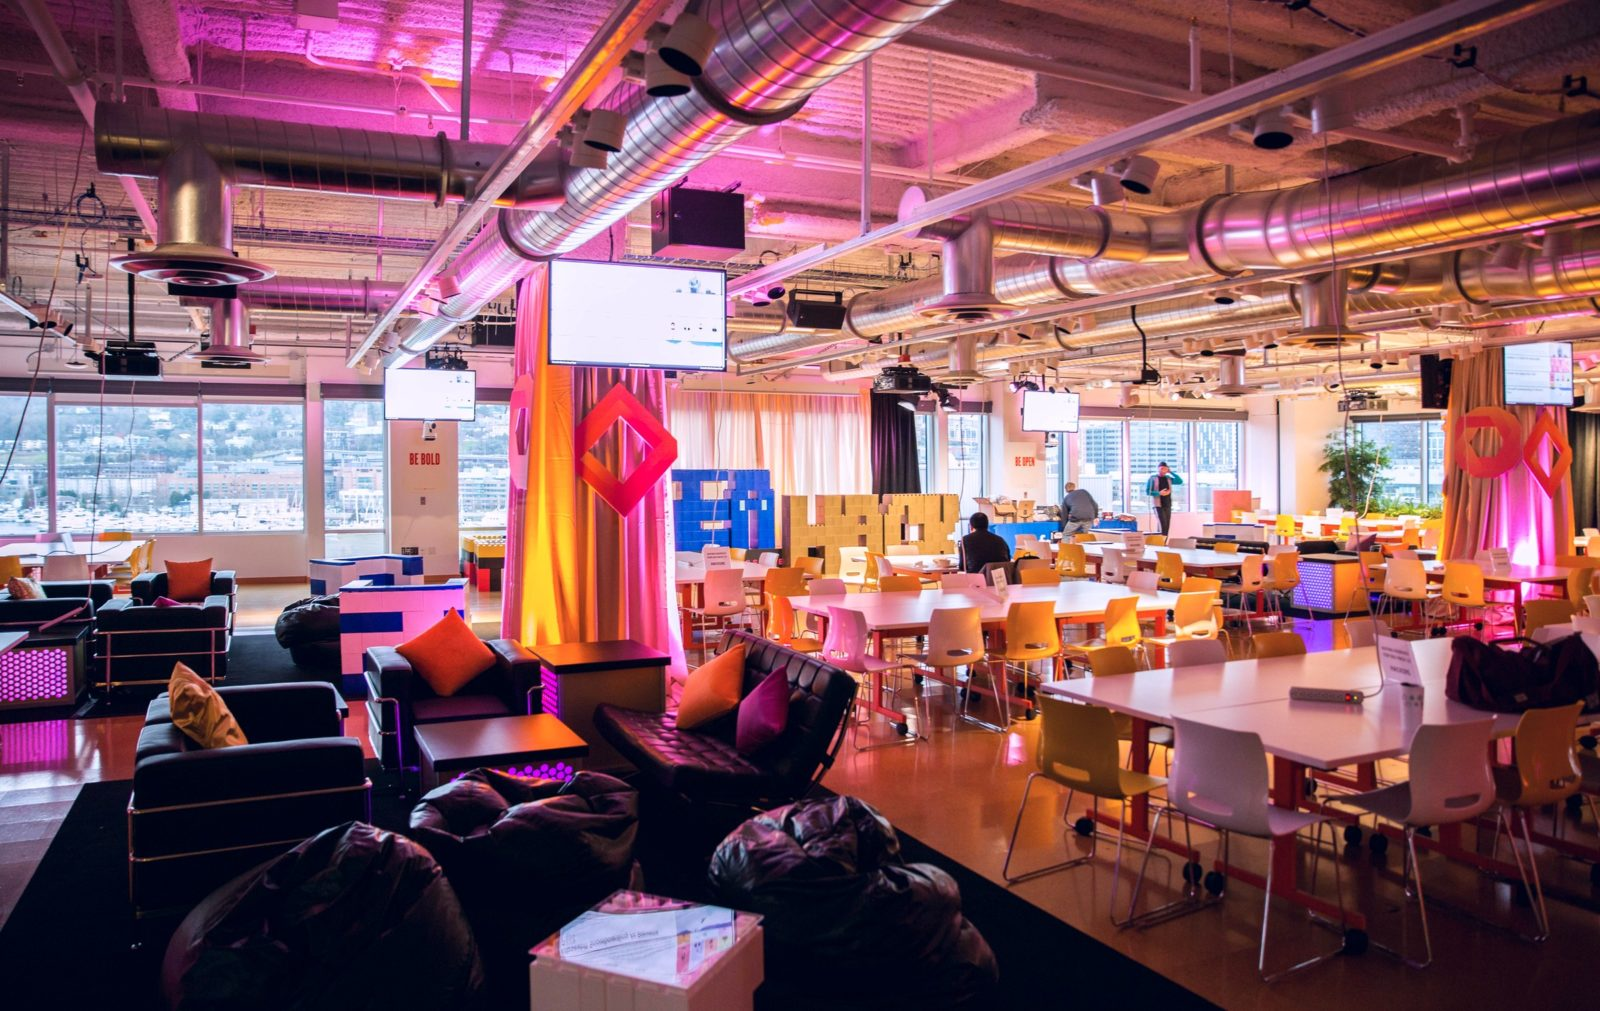 corporate event lounge decor